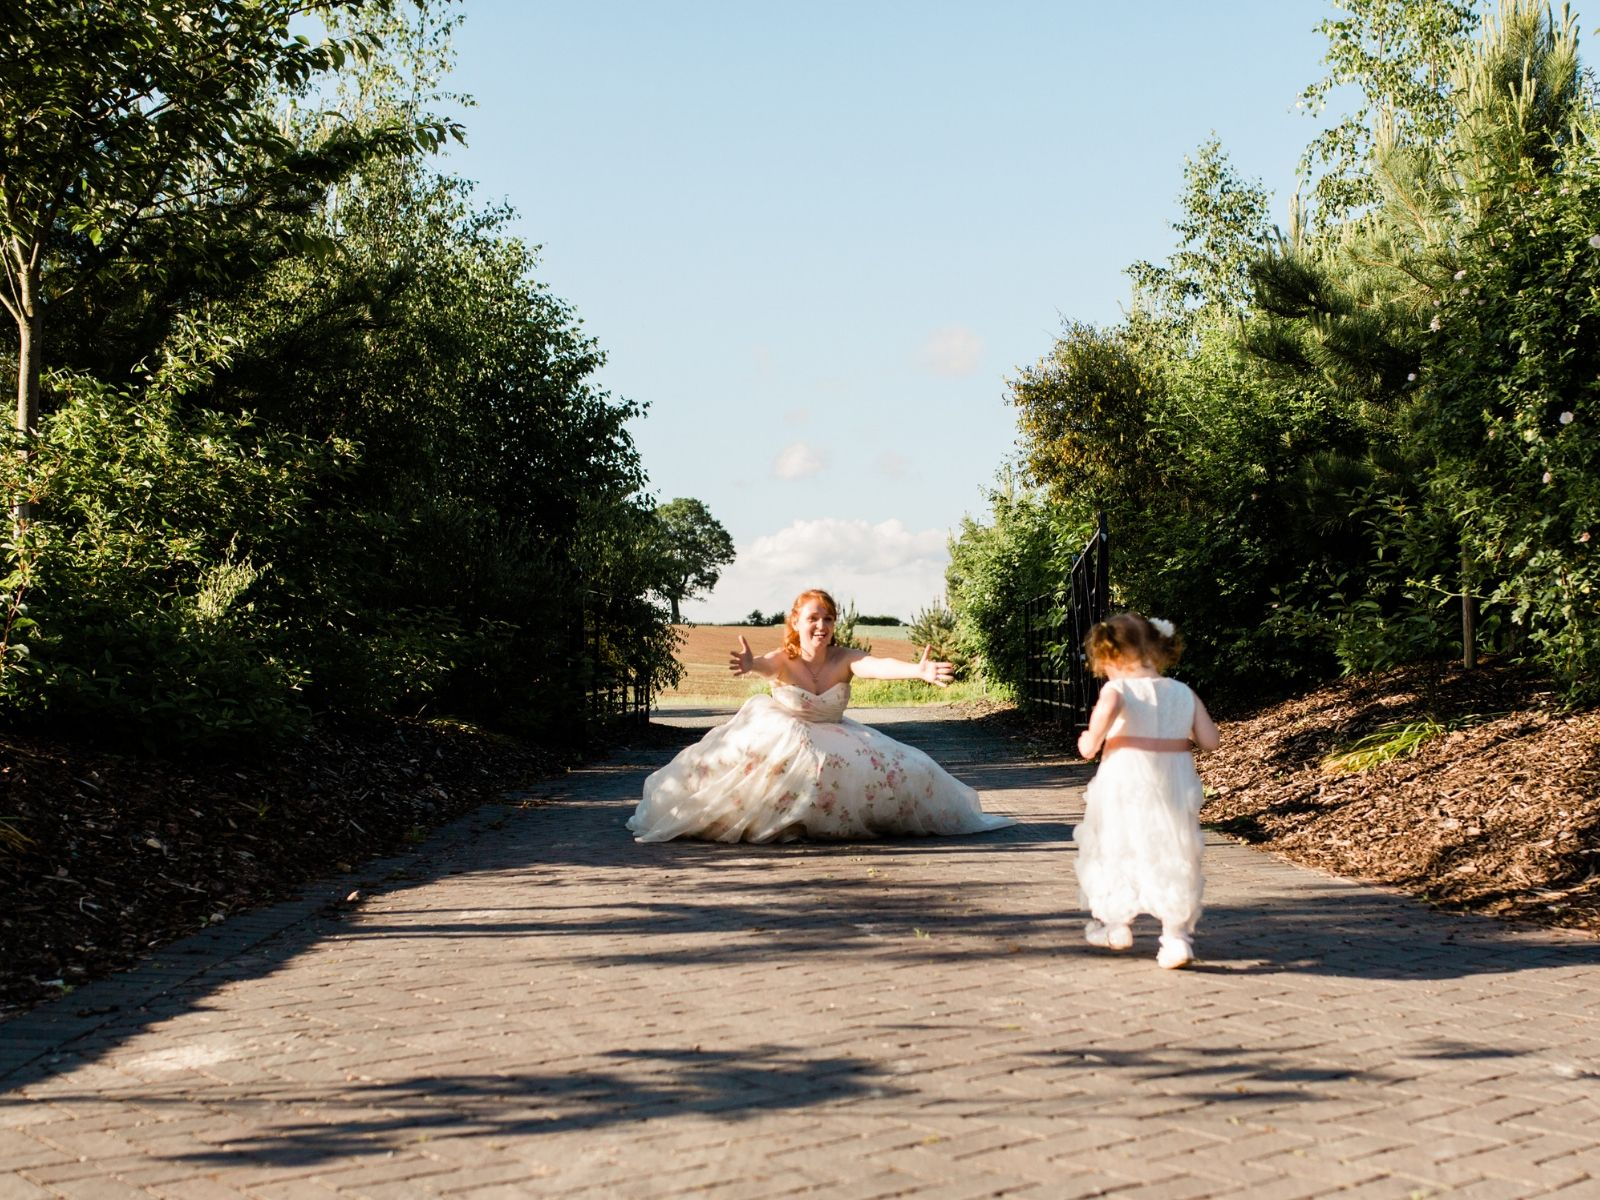 Boho Bride Alice and Flower Girl Millie